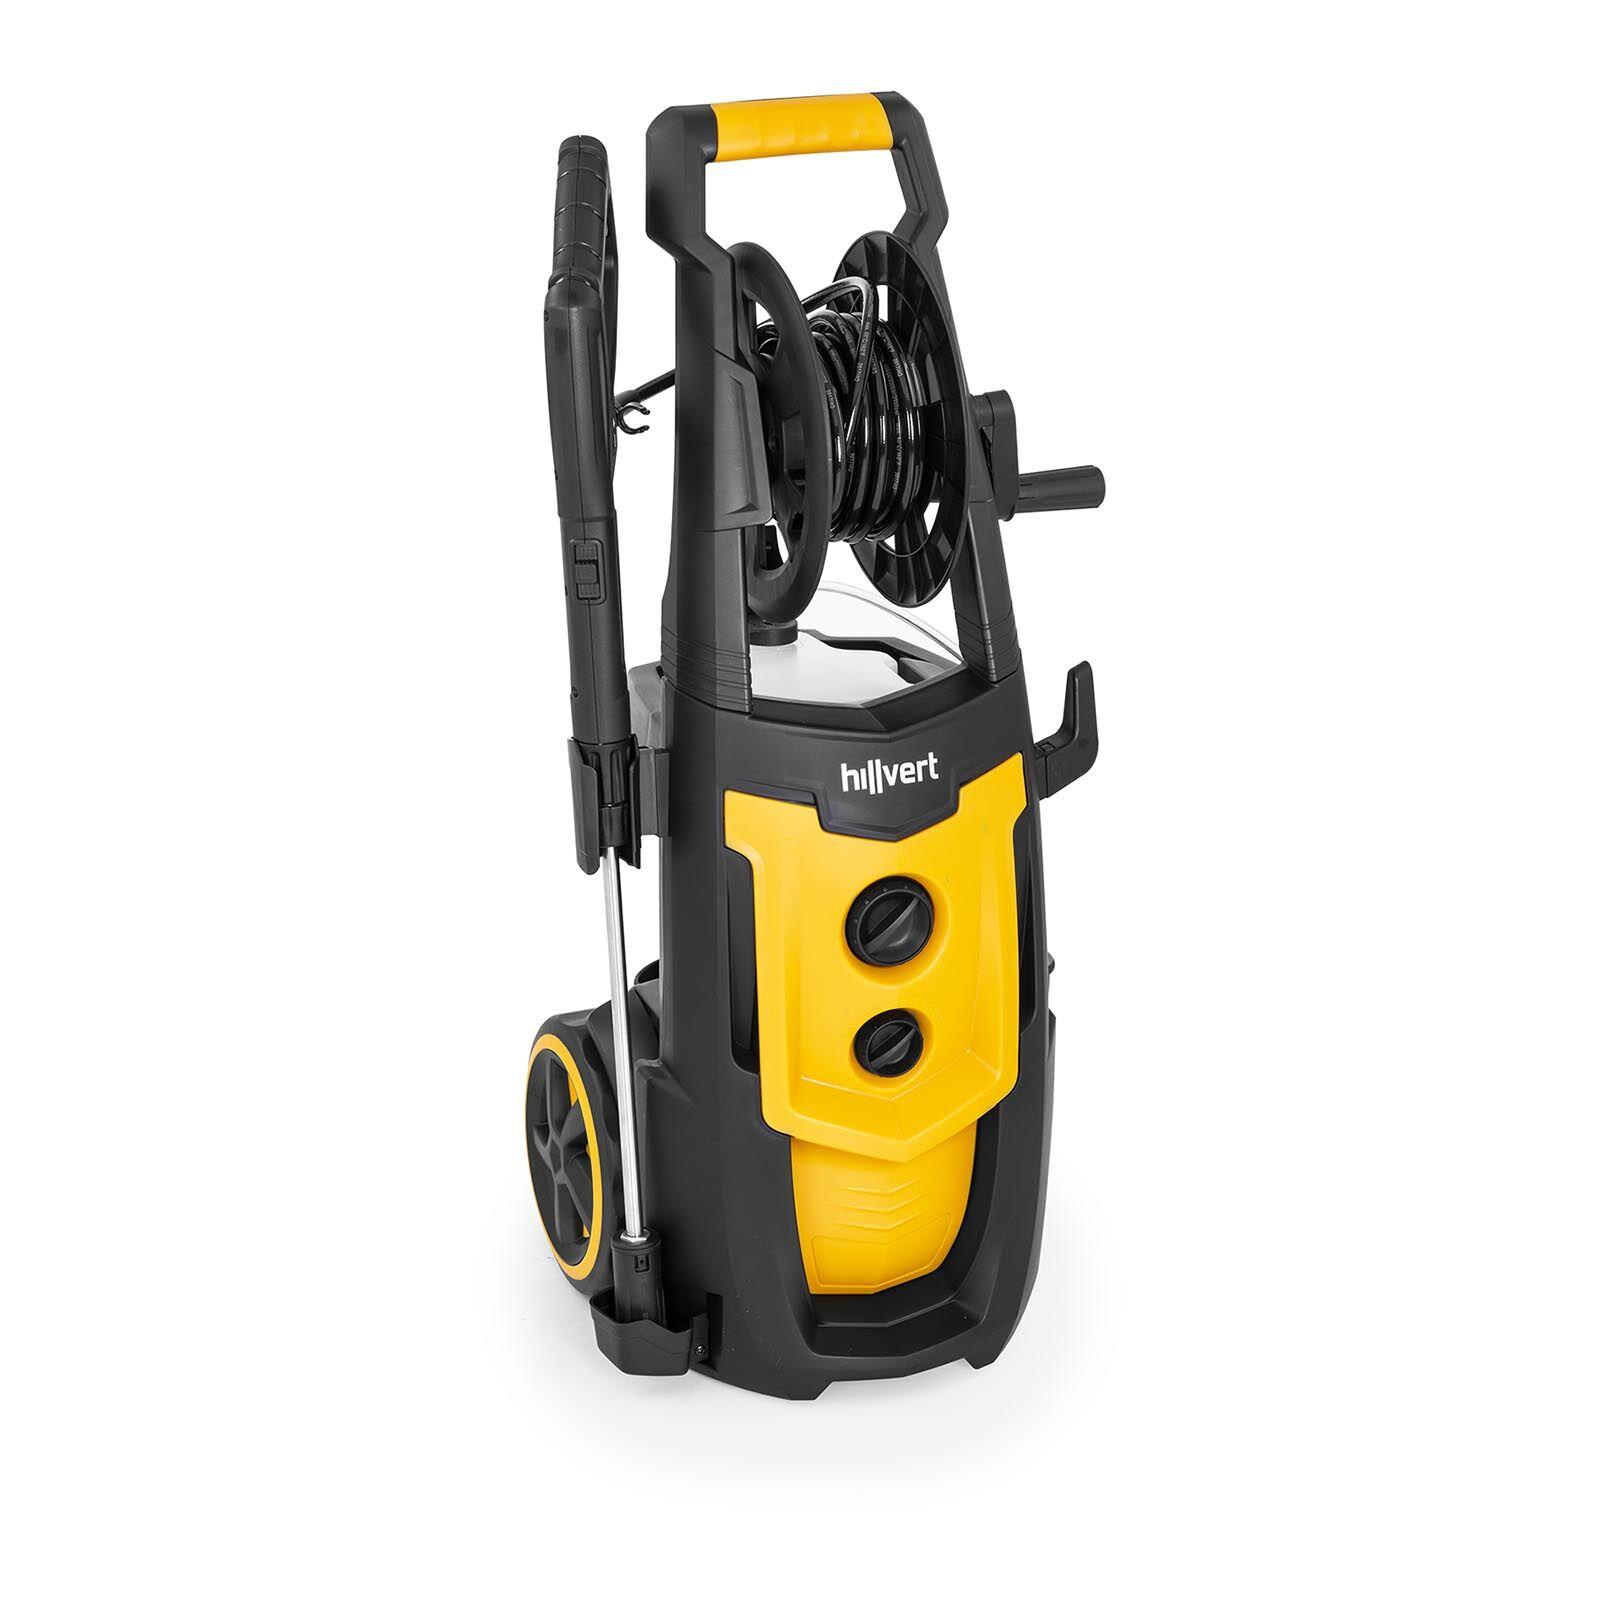 hillvert Idropulitrice ad alta pressione professionale - 2200 Watt - Con serbatoio per detersivo HT-HUDSON 2200